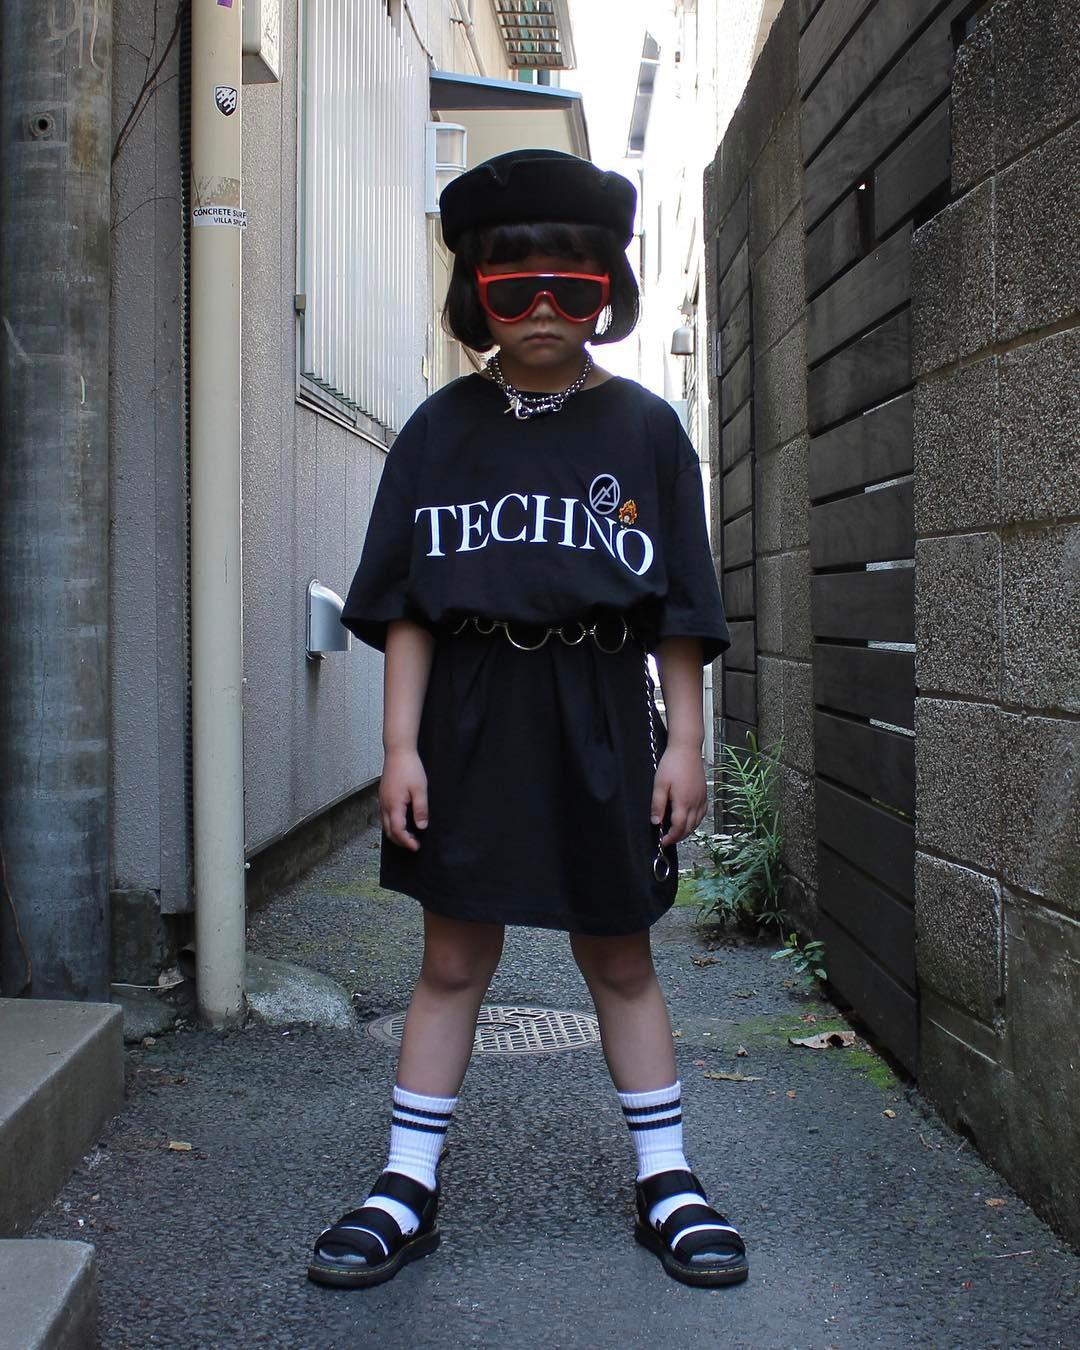 Mix đồ đẹp hơn người lớn, luôn đeo kính cực ngầu, cô bé này chính là fashion icon nhí chất nhất Nhật Bản - Ảnh 9.